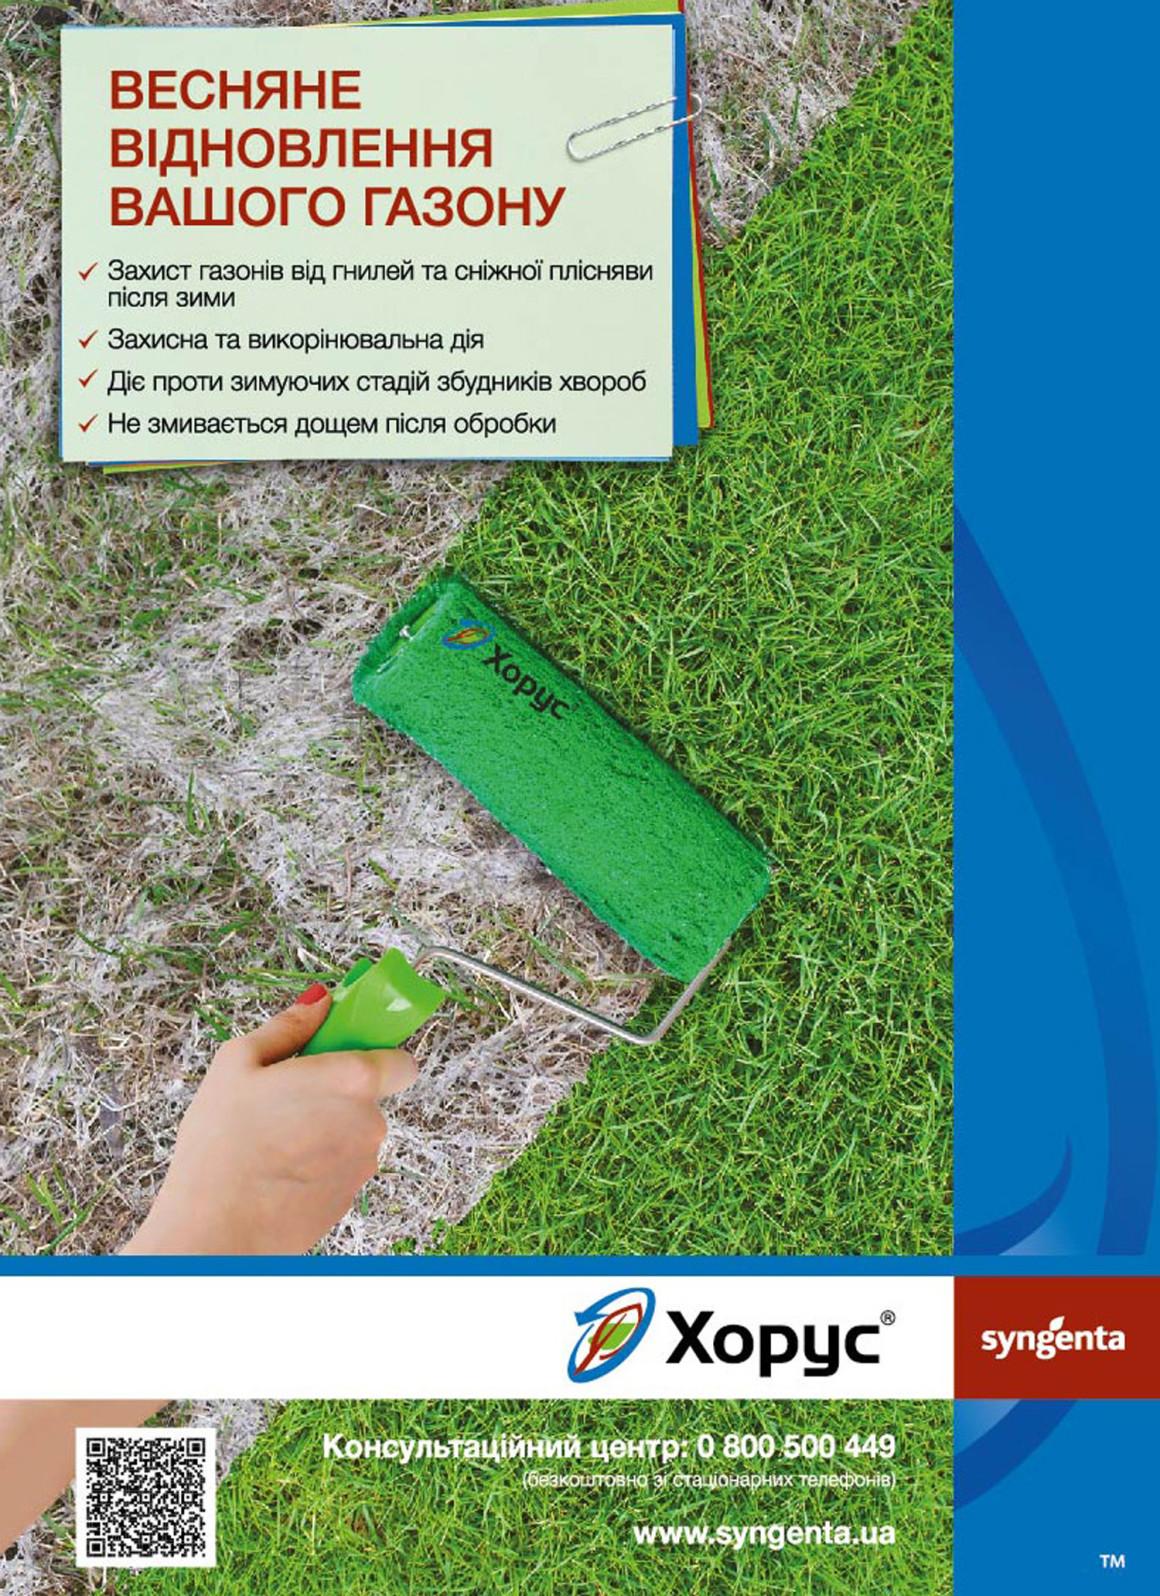 """Візуалізація для препарата """"Хорус"""", дія проти комах та хвороб на газоні"""